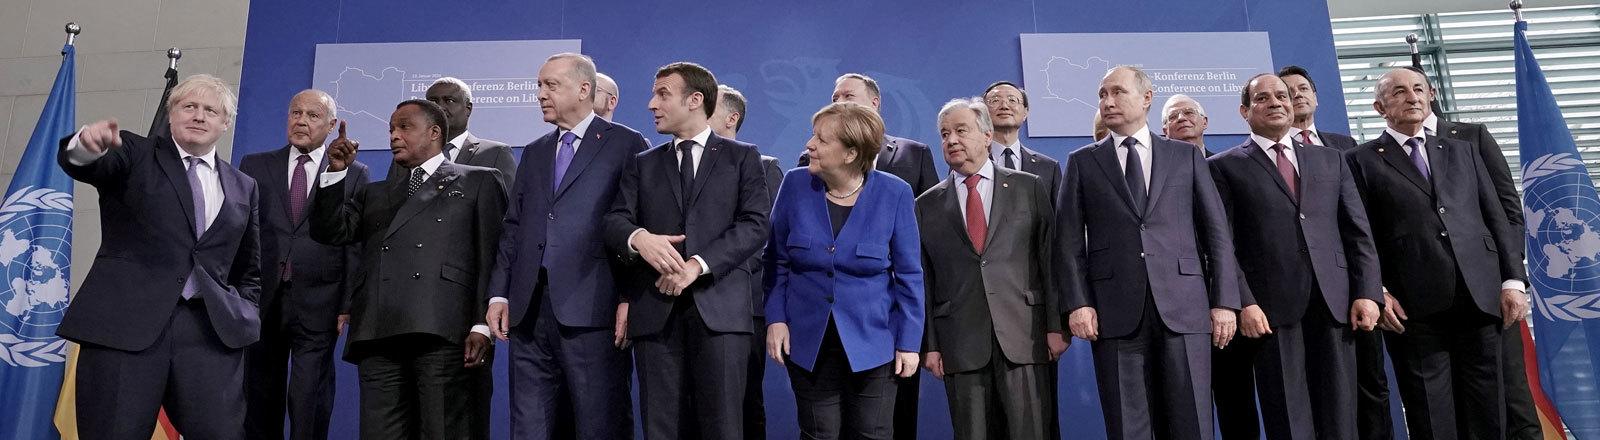 Bundeskanzlerin Angela Merkel steht im Bundeskanzleramt zu Beginn der Libyen-Konferenz mit den Teilnehmern der verschiedenen Länder für ein Foto (19.01.2020); Foto: dpa